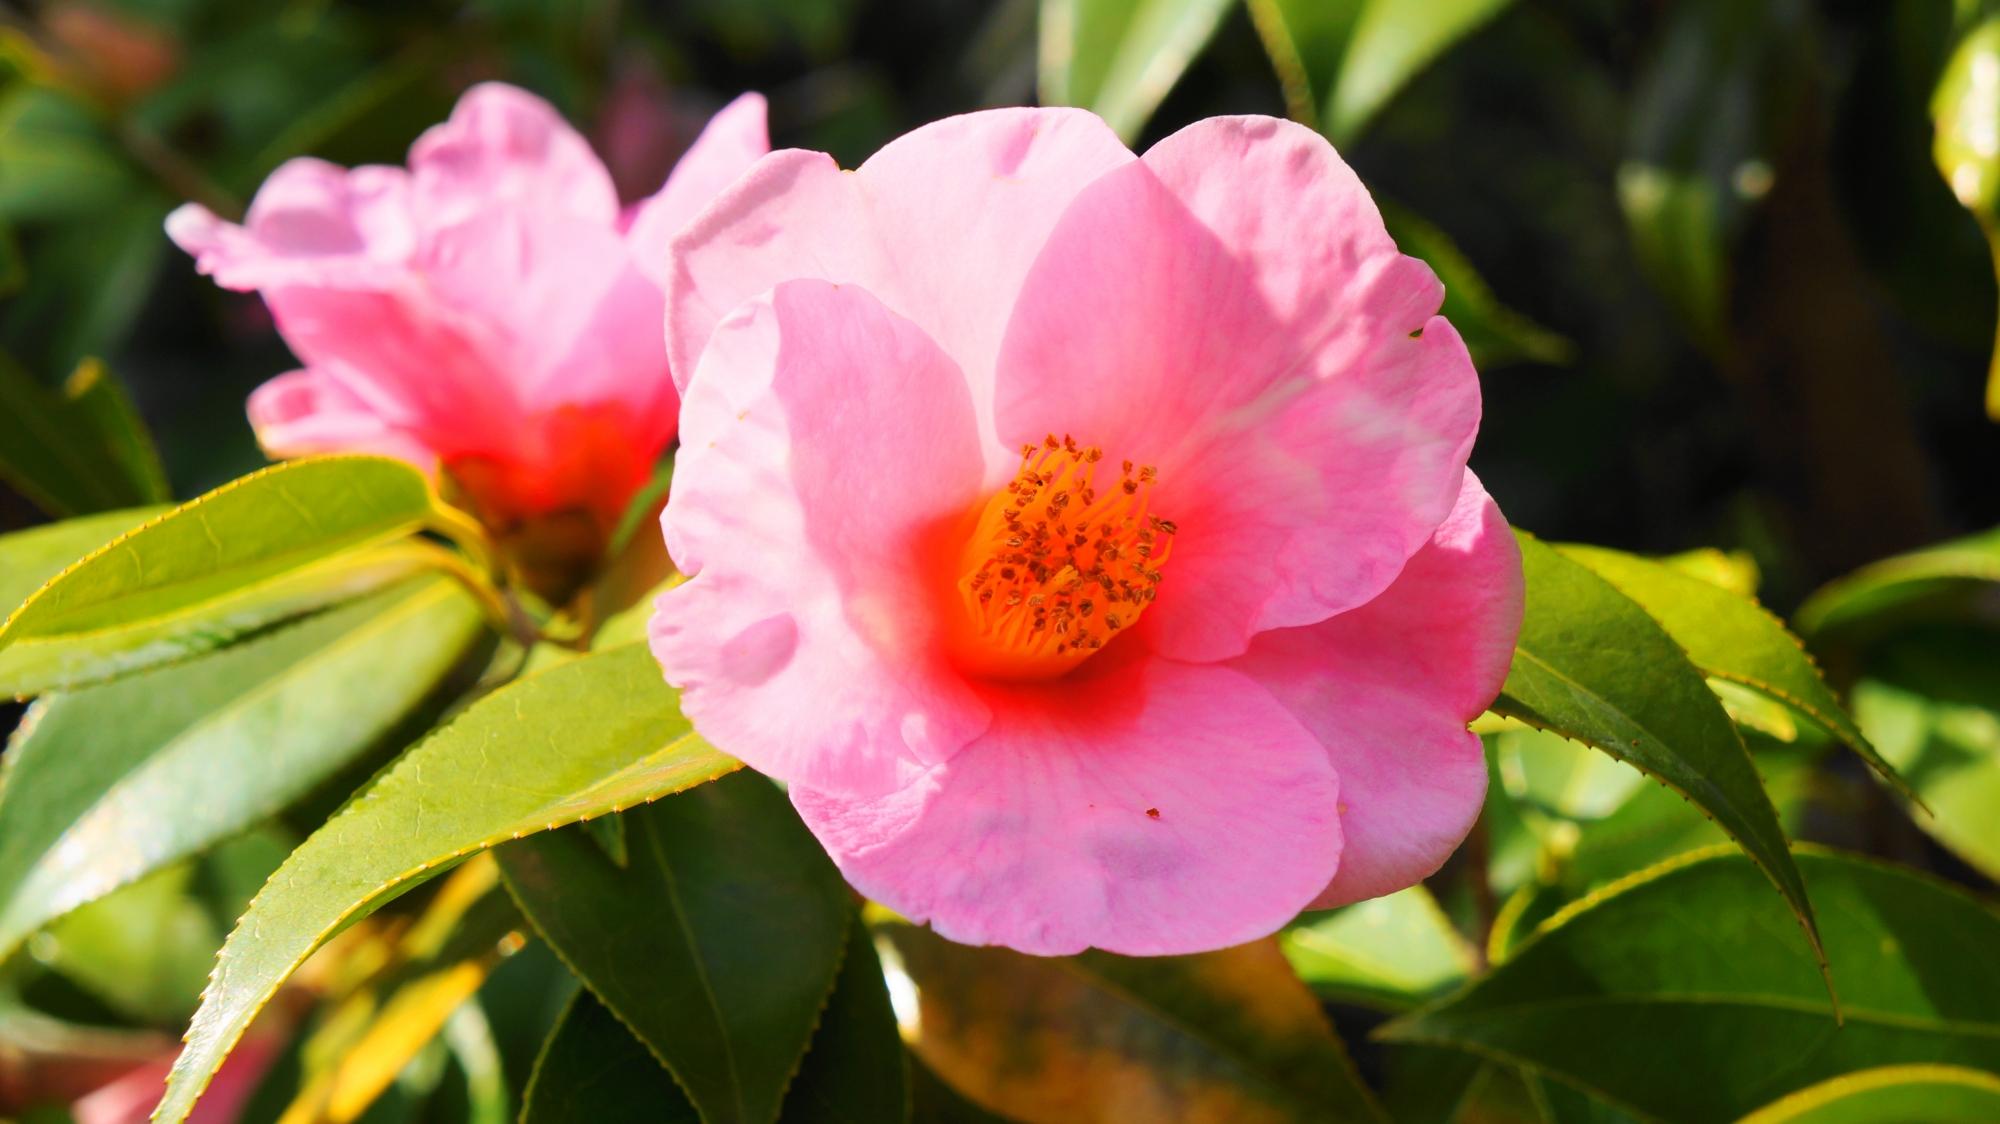 ピンクの華やかな椿